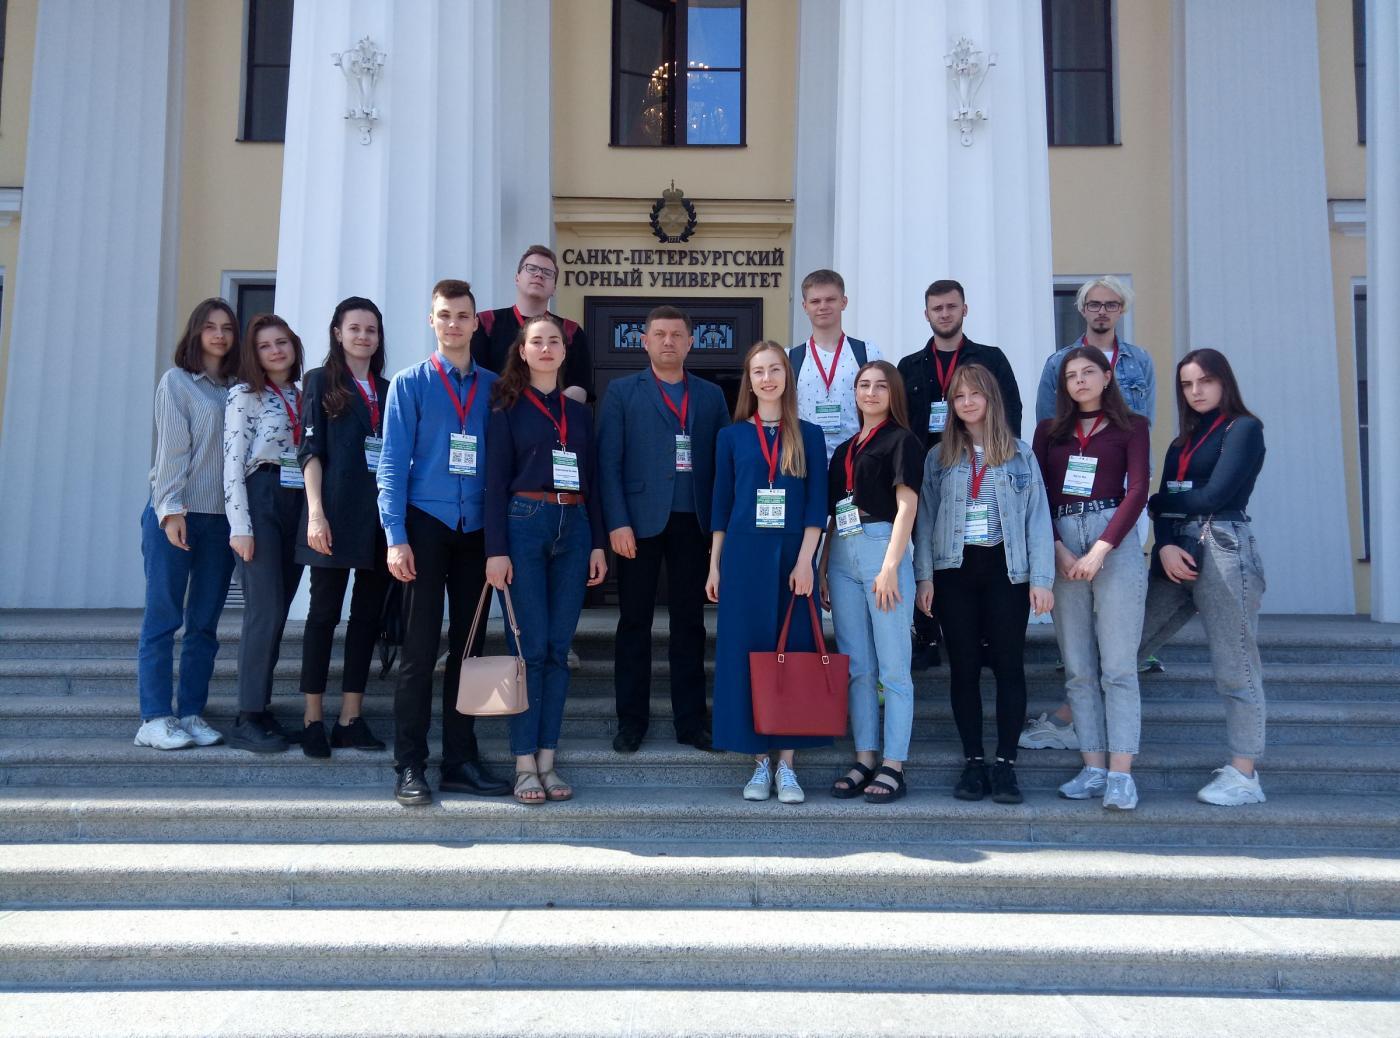 Делегация БНТУ в Санкт-Петербурге на международном форуме под эгидой ЮНЕСКО